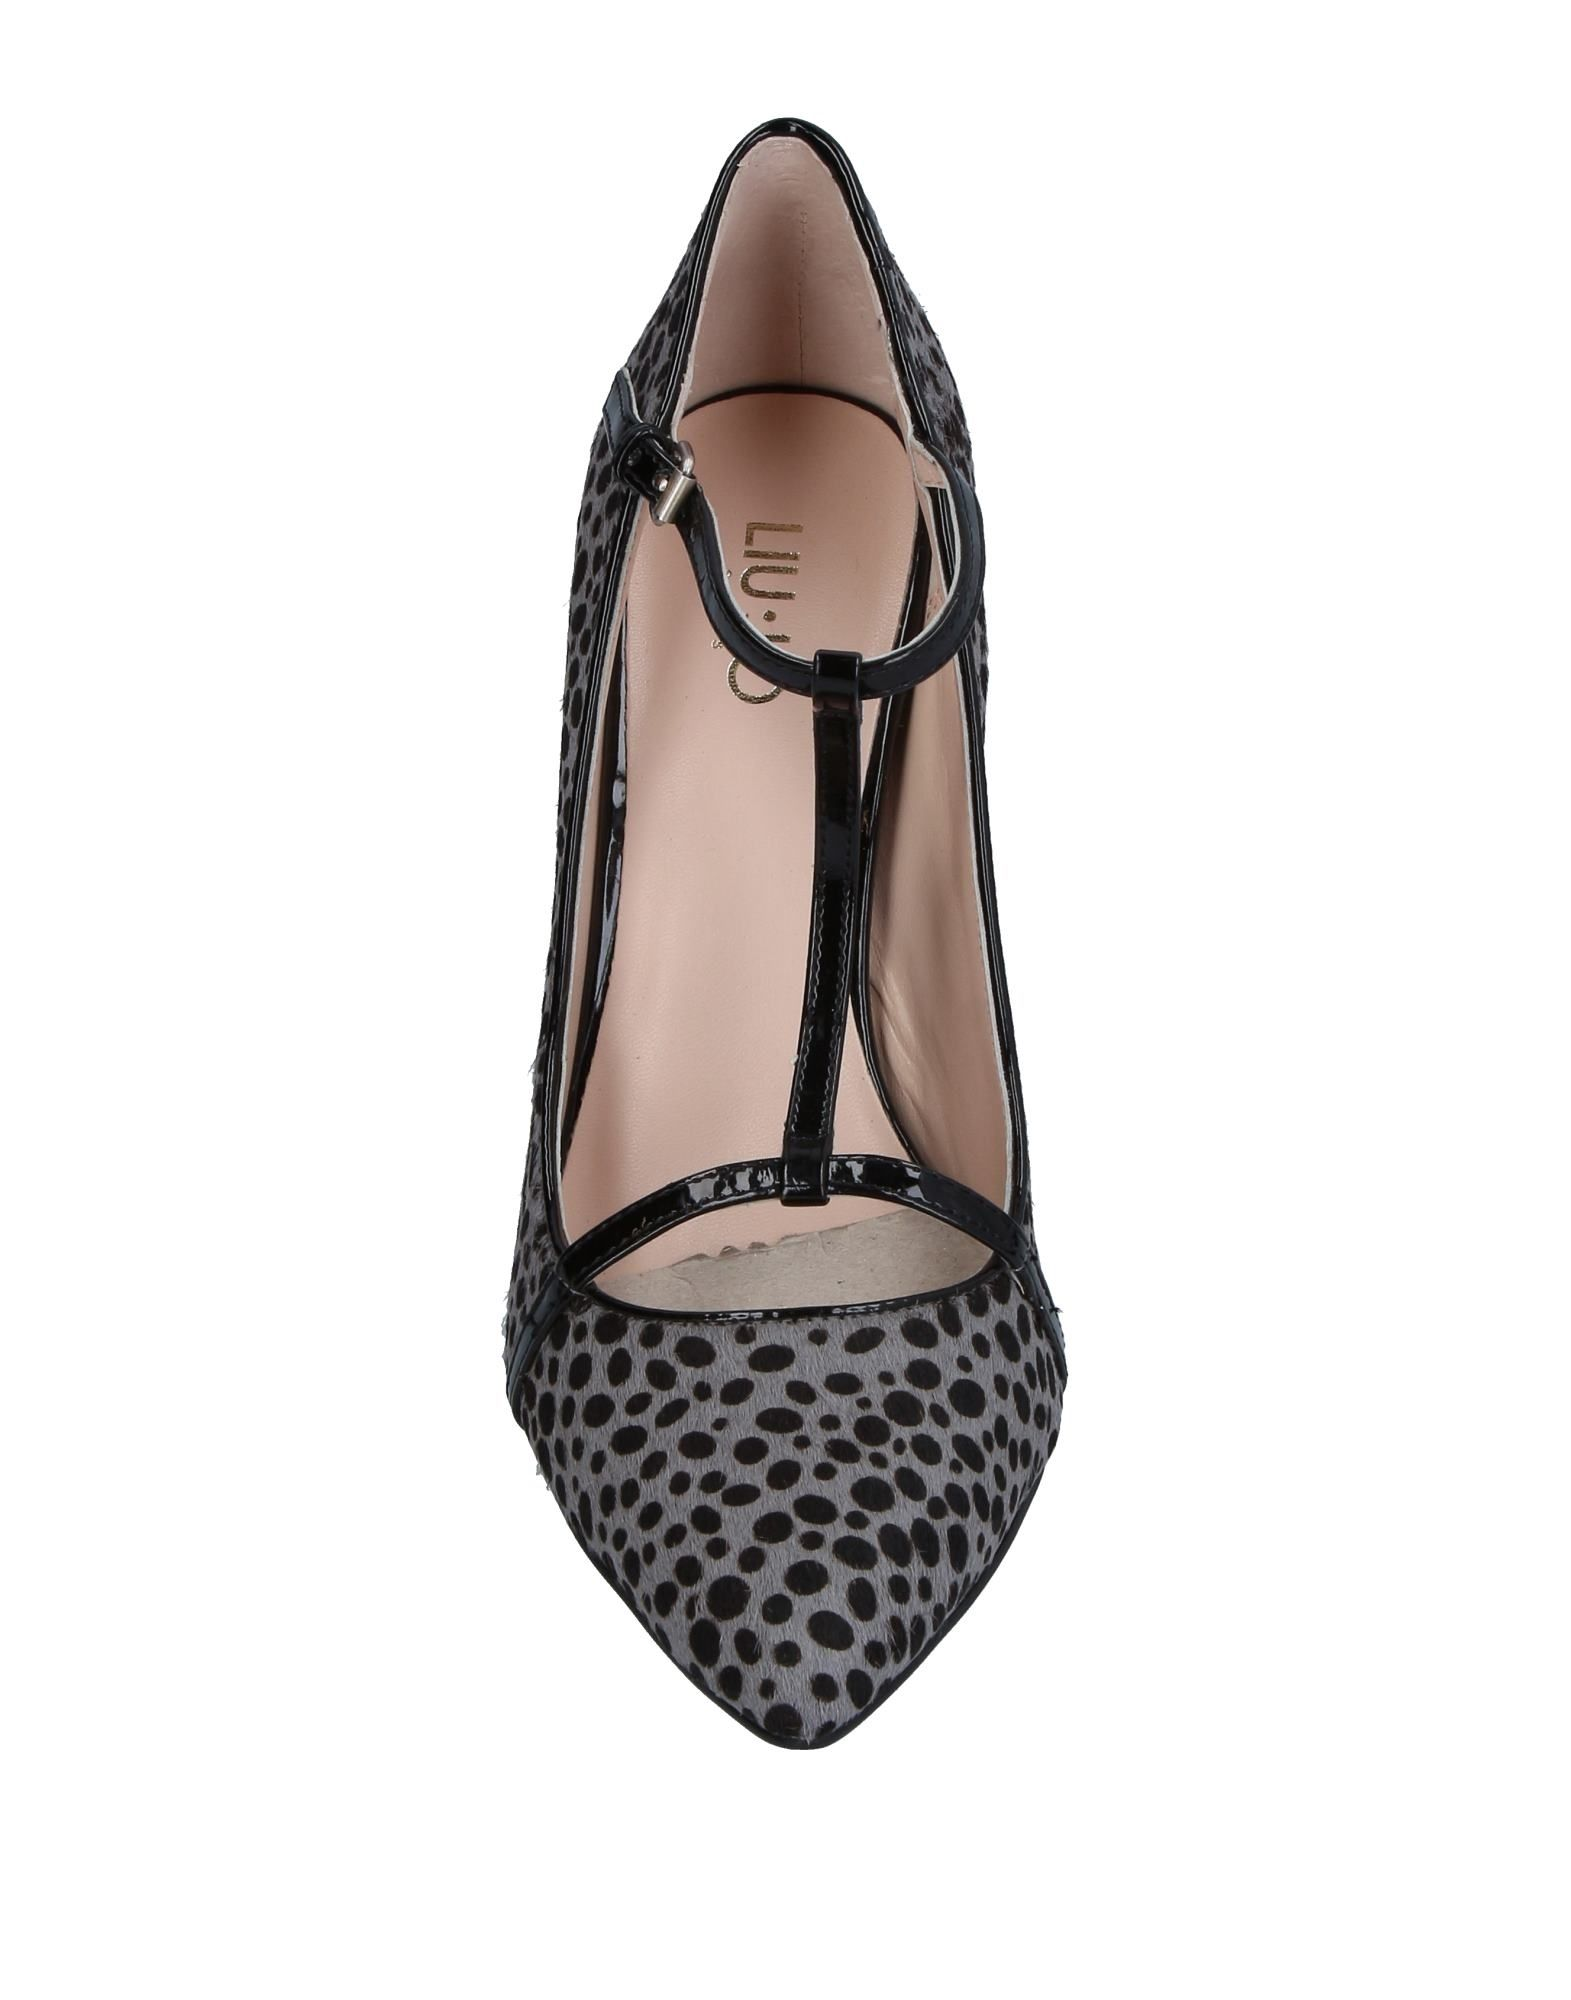 Liu •Jo Shoes Pumps Damen beliebte  11281906AI Gute Qualität beliebte Damen Schuhe 645fbb